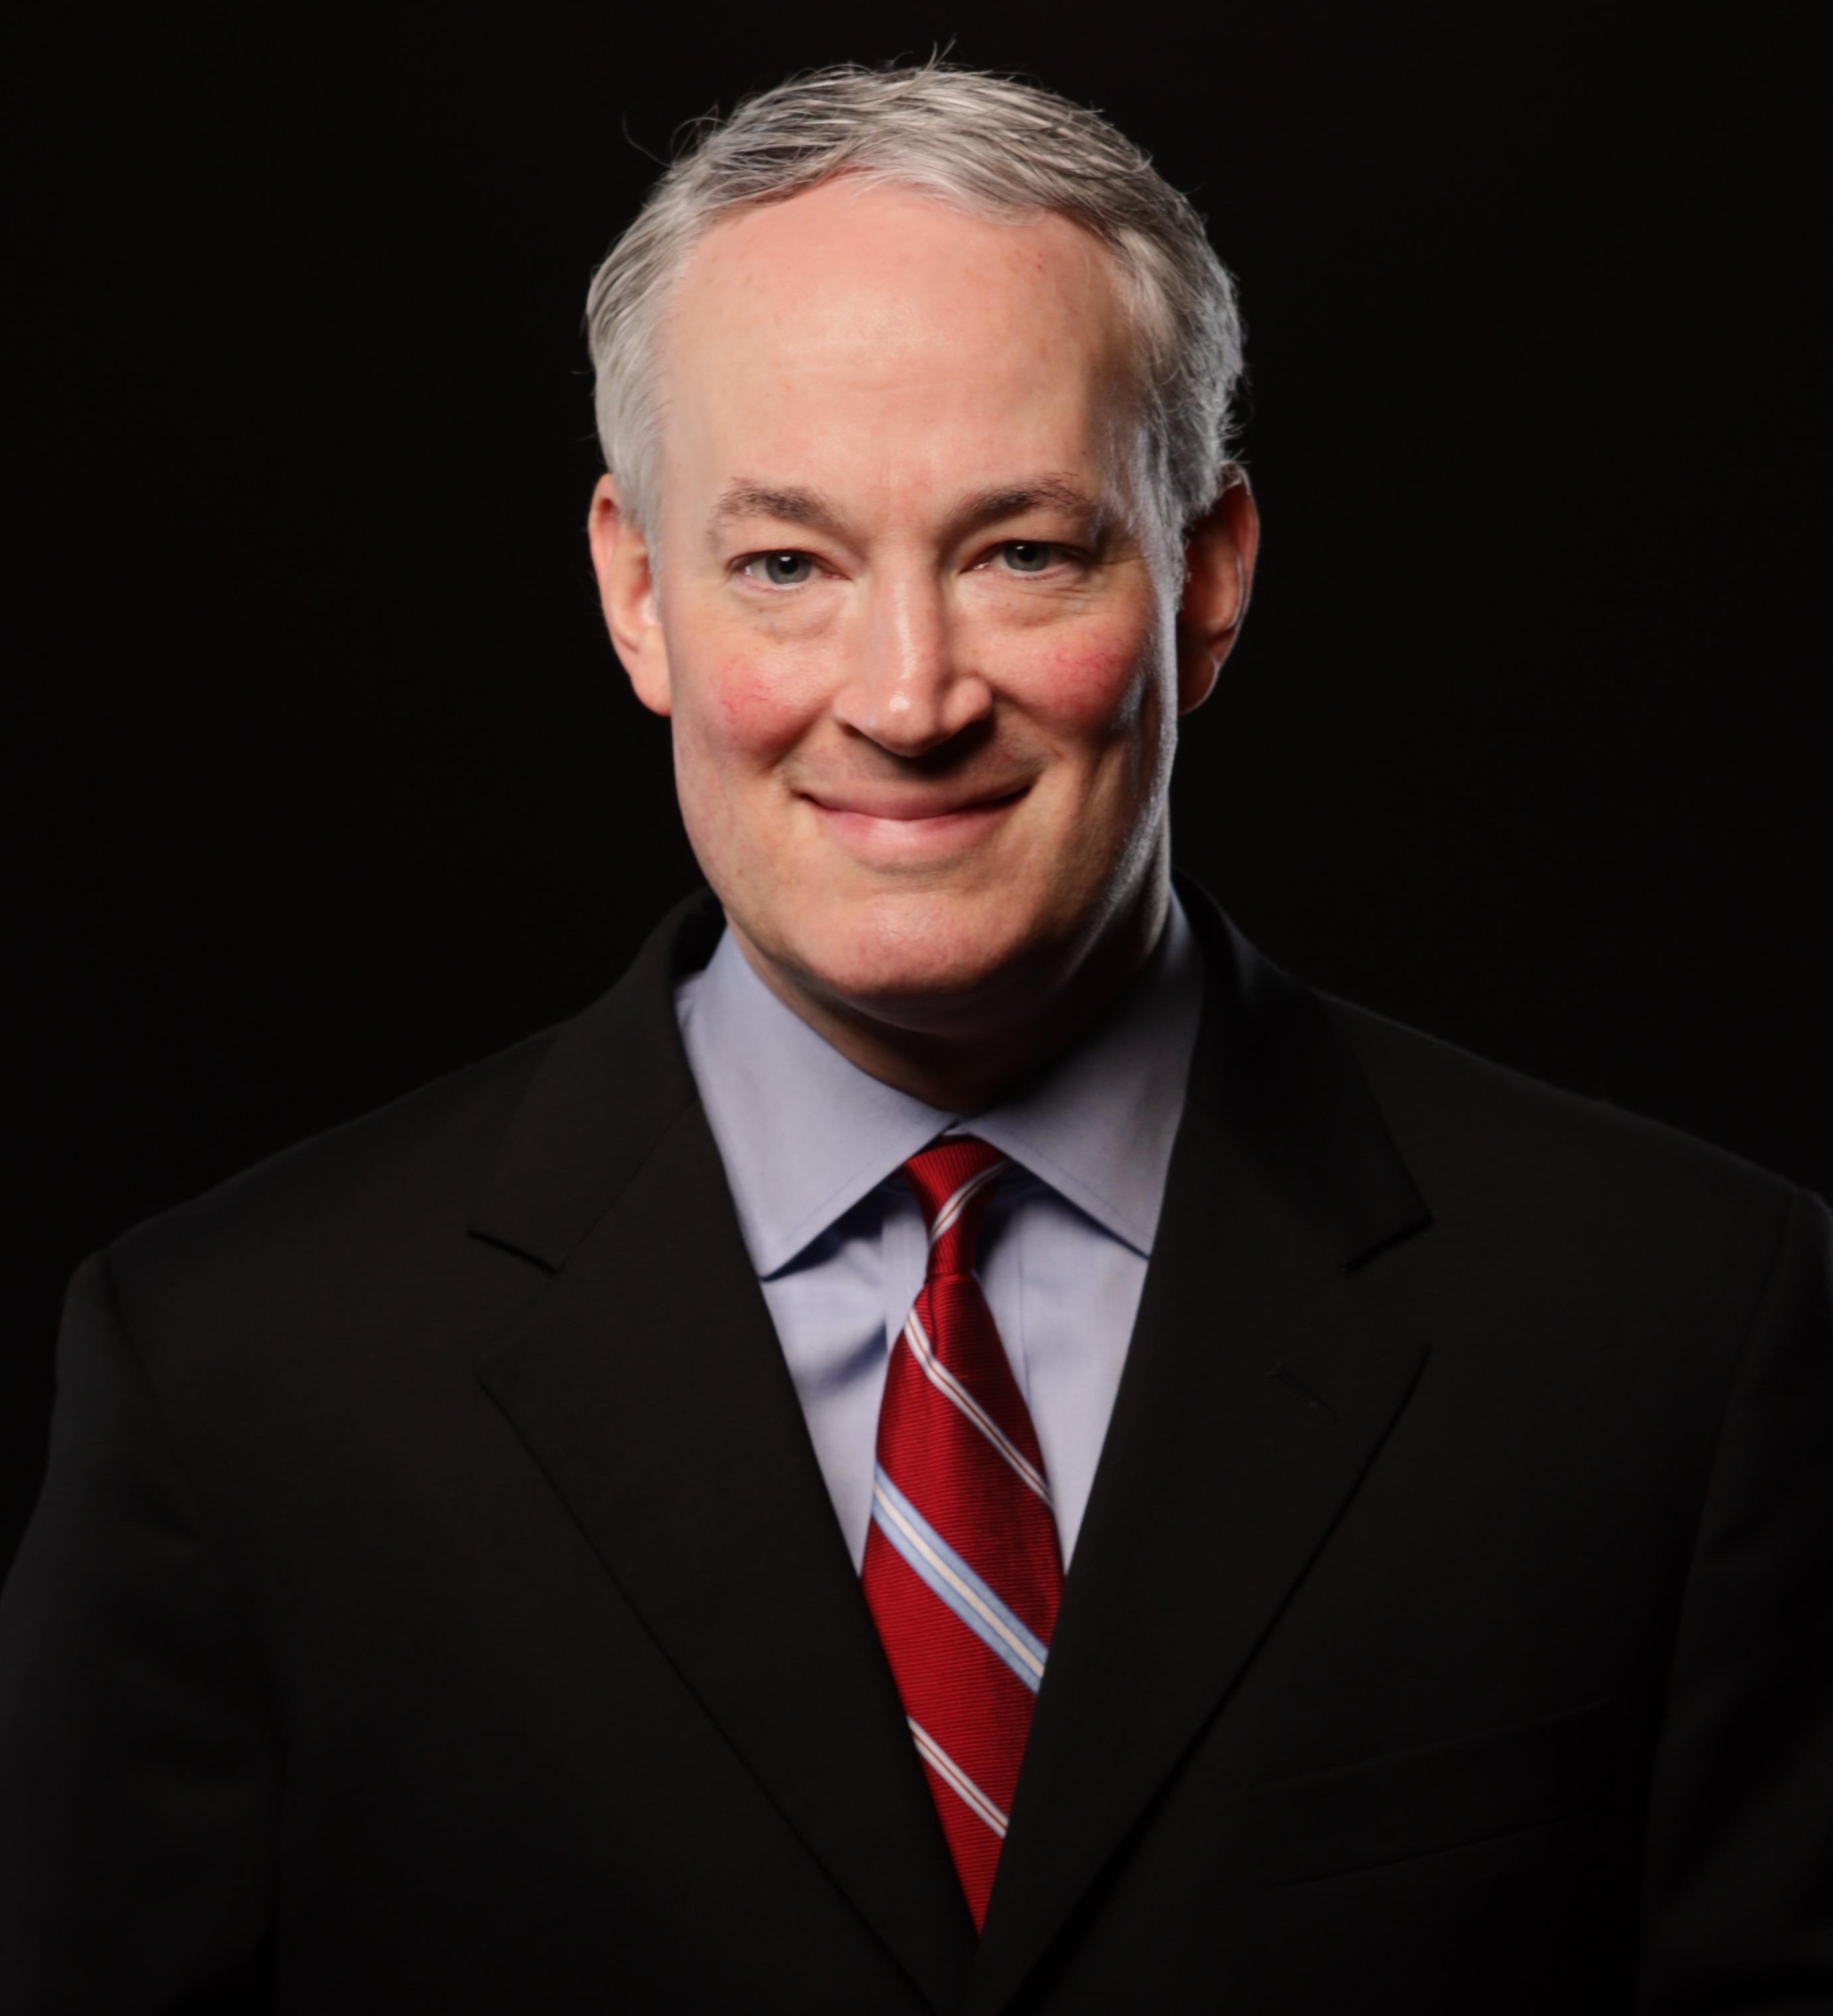 David M. Chaiken